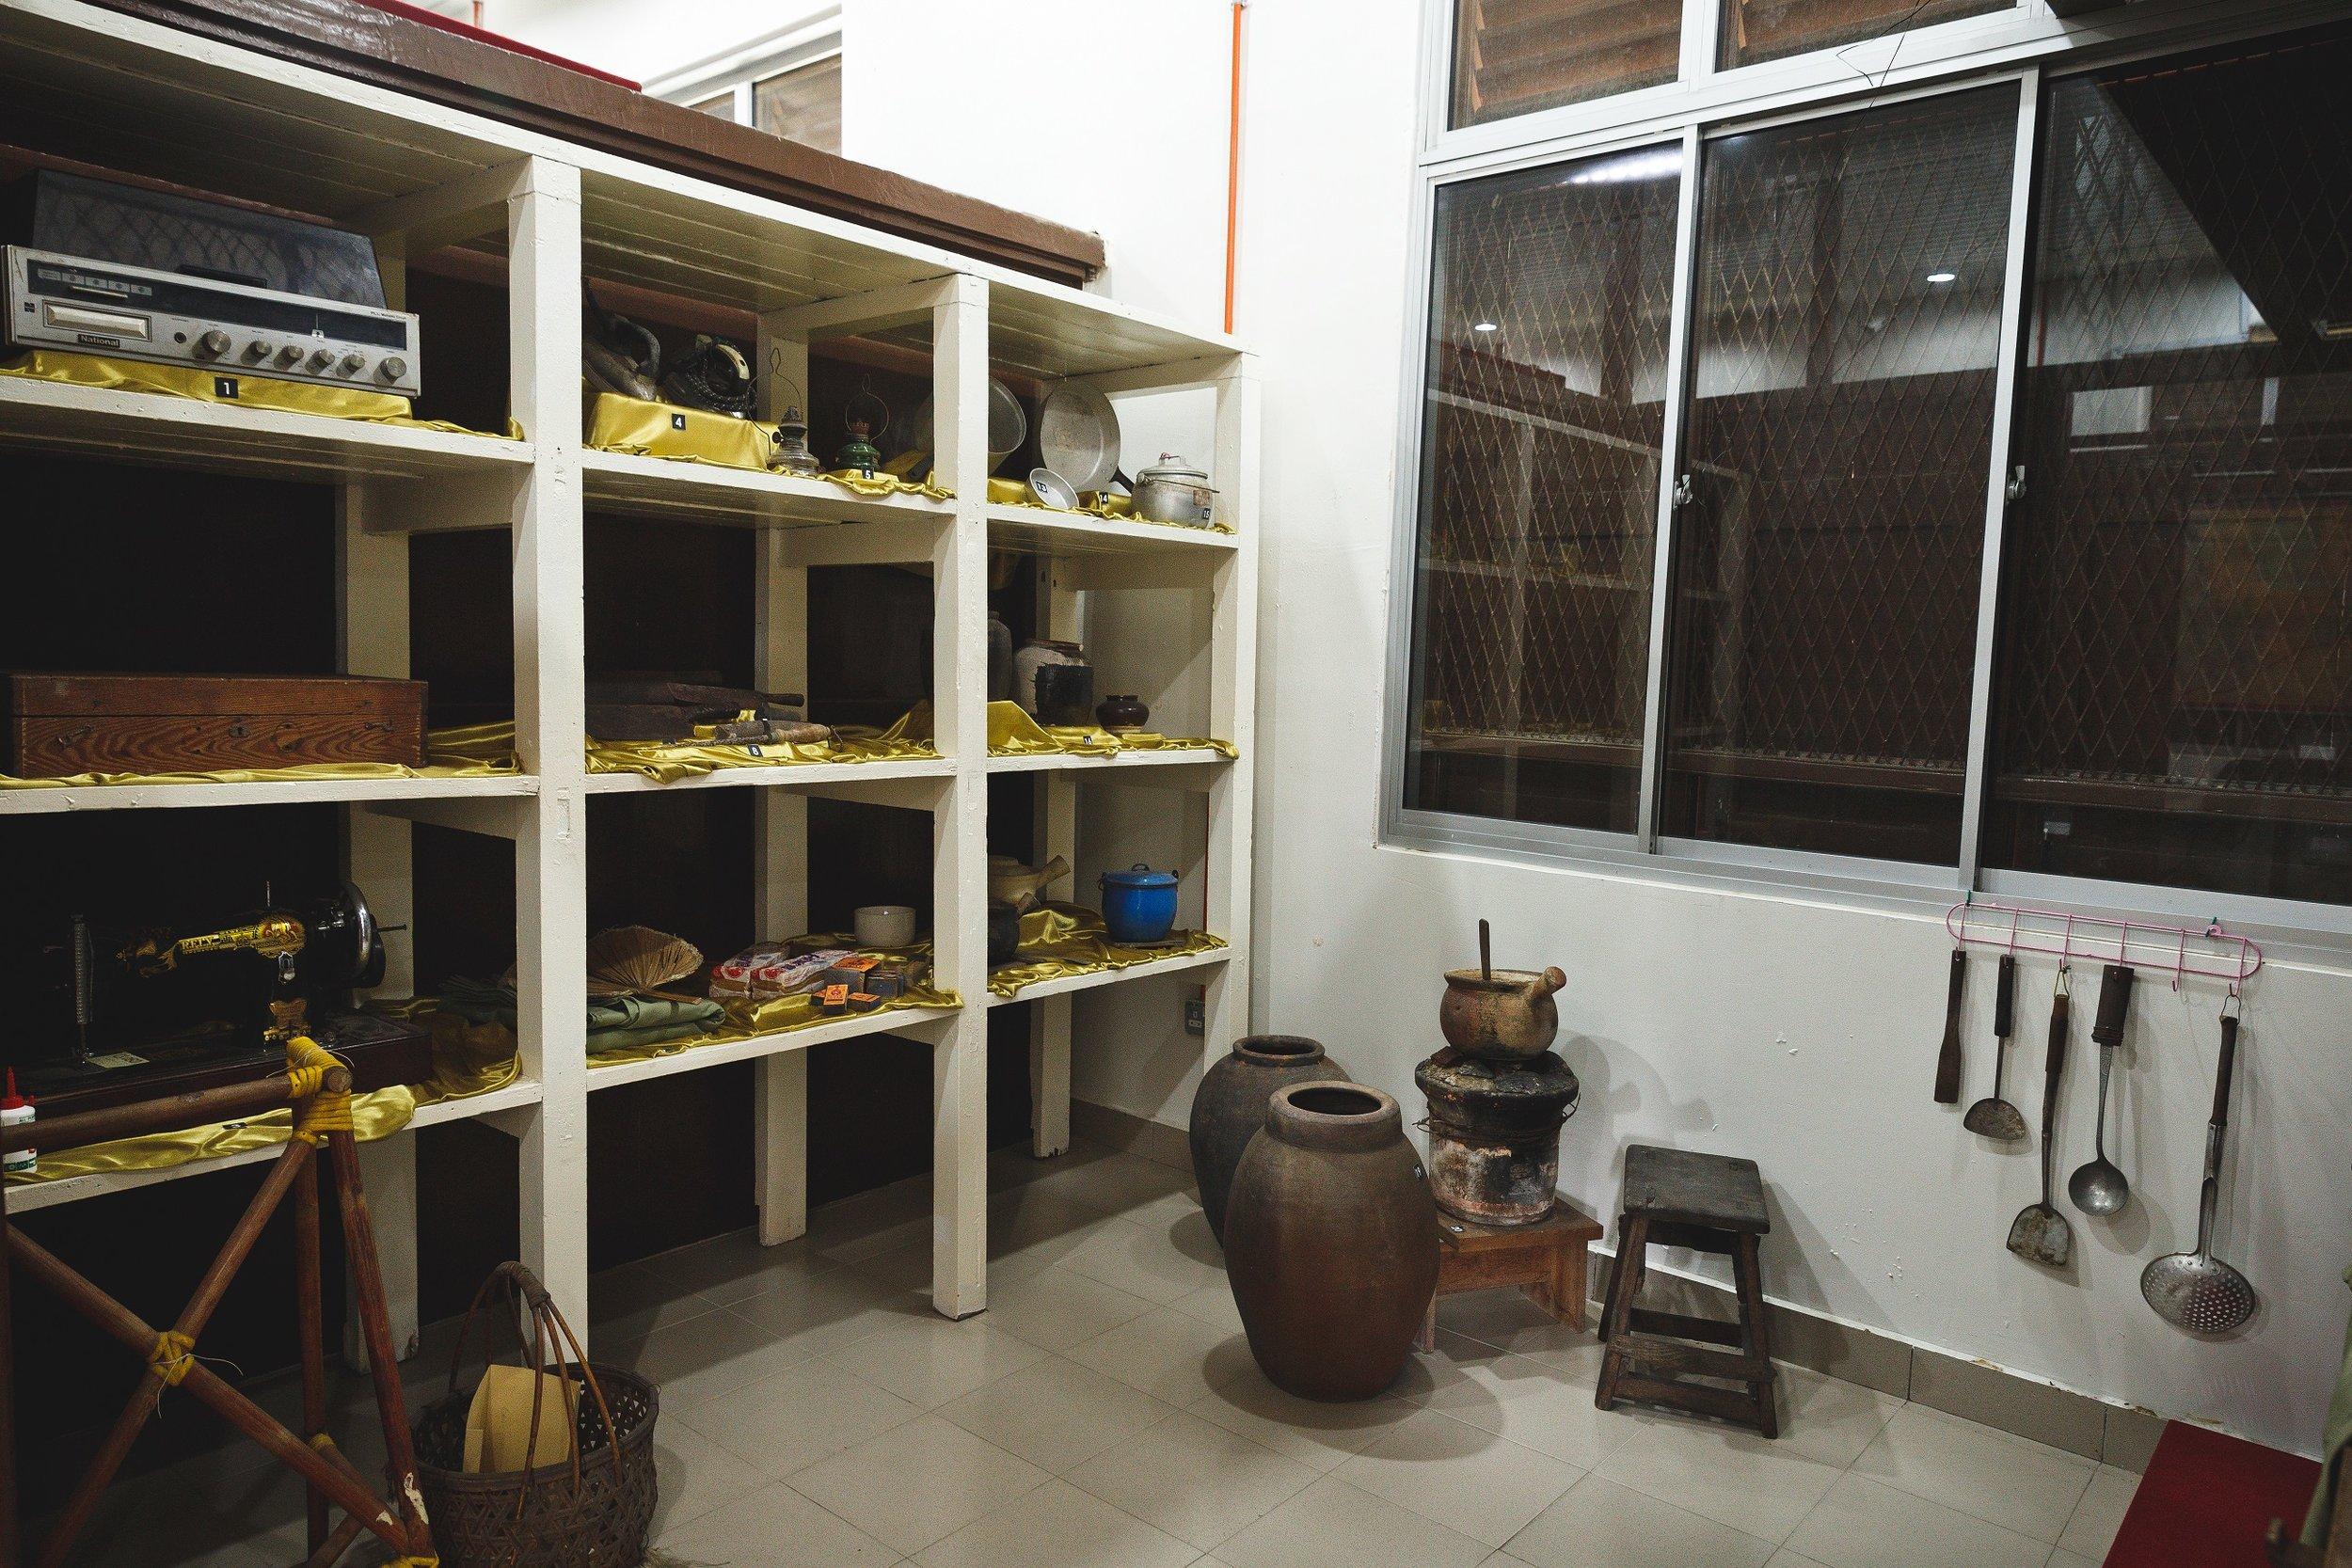 居住在屋仔的麻疯病人  从前  所使用的厨具。  (陆奕萌 摄)